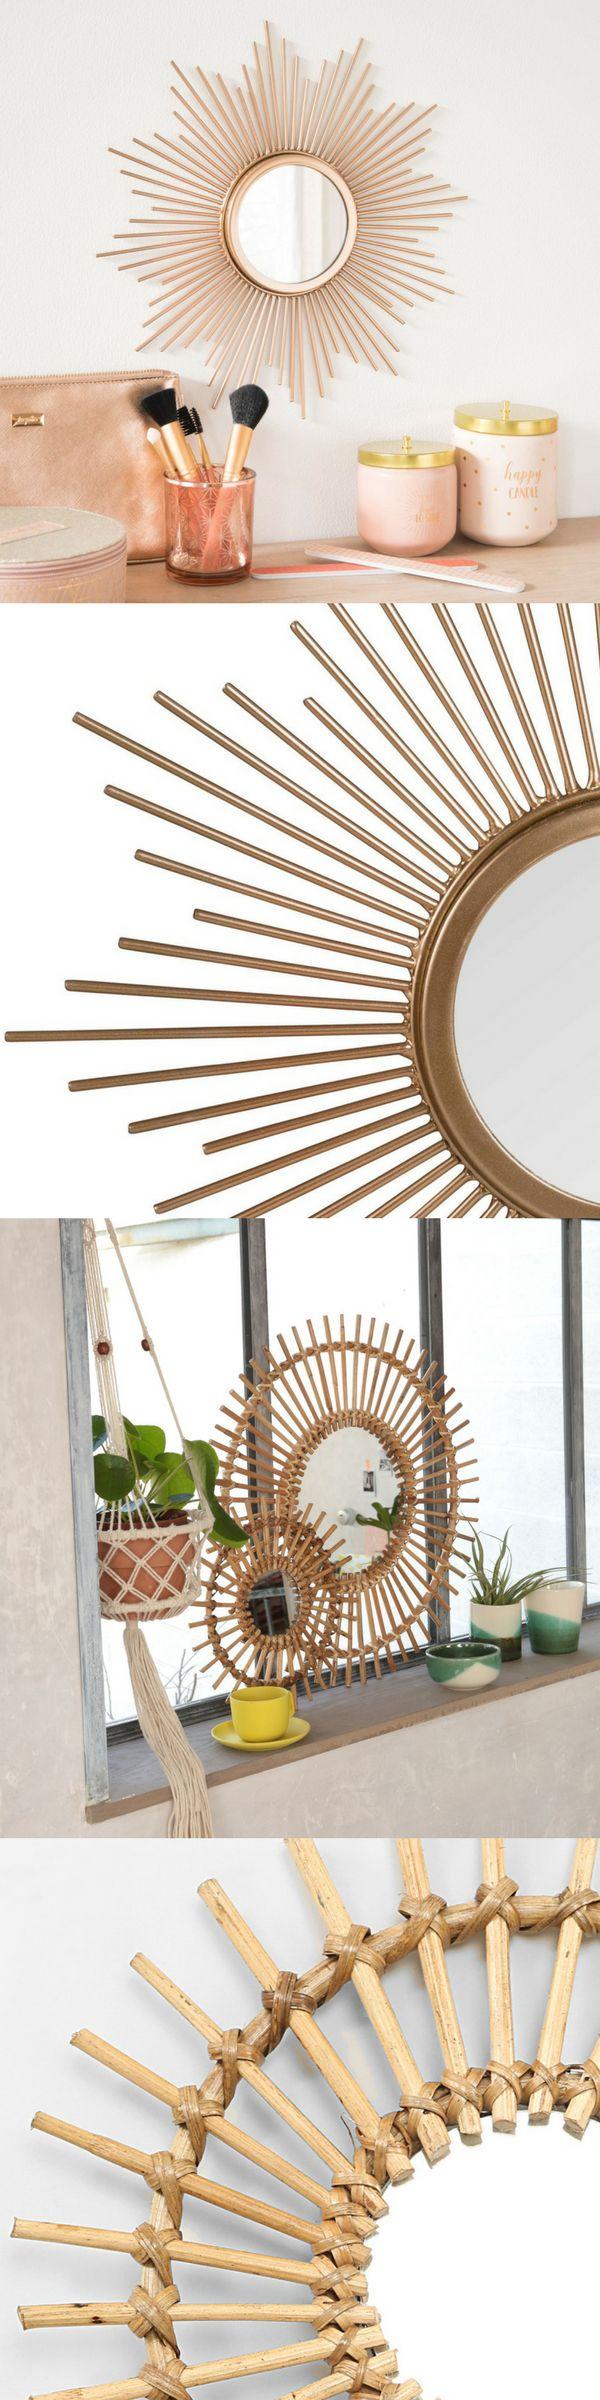 voici o trouver un miroir soleil pas cher vintage dor. Black Bedroom Furniture Sets. Home Design Ideas